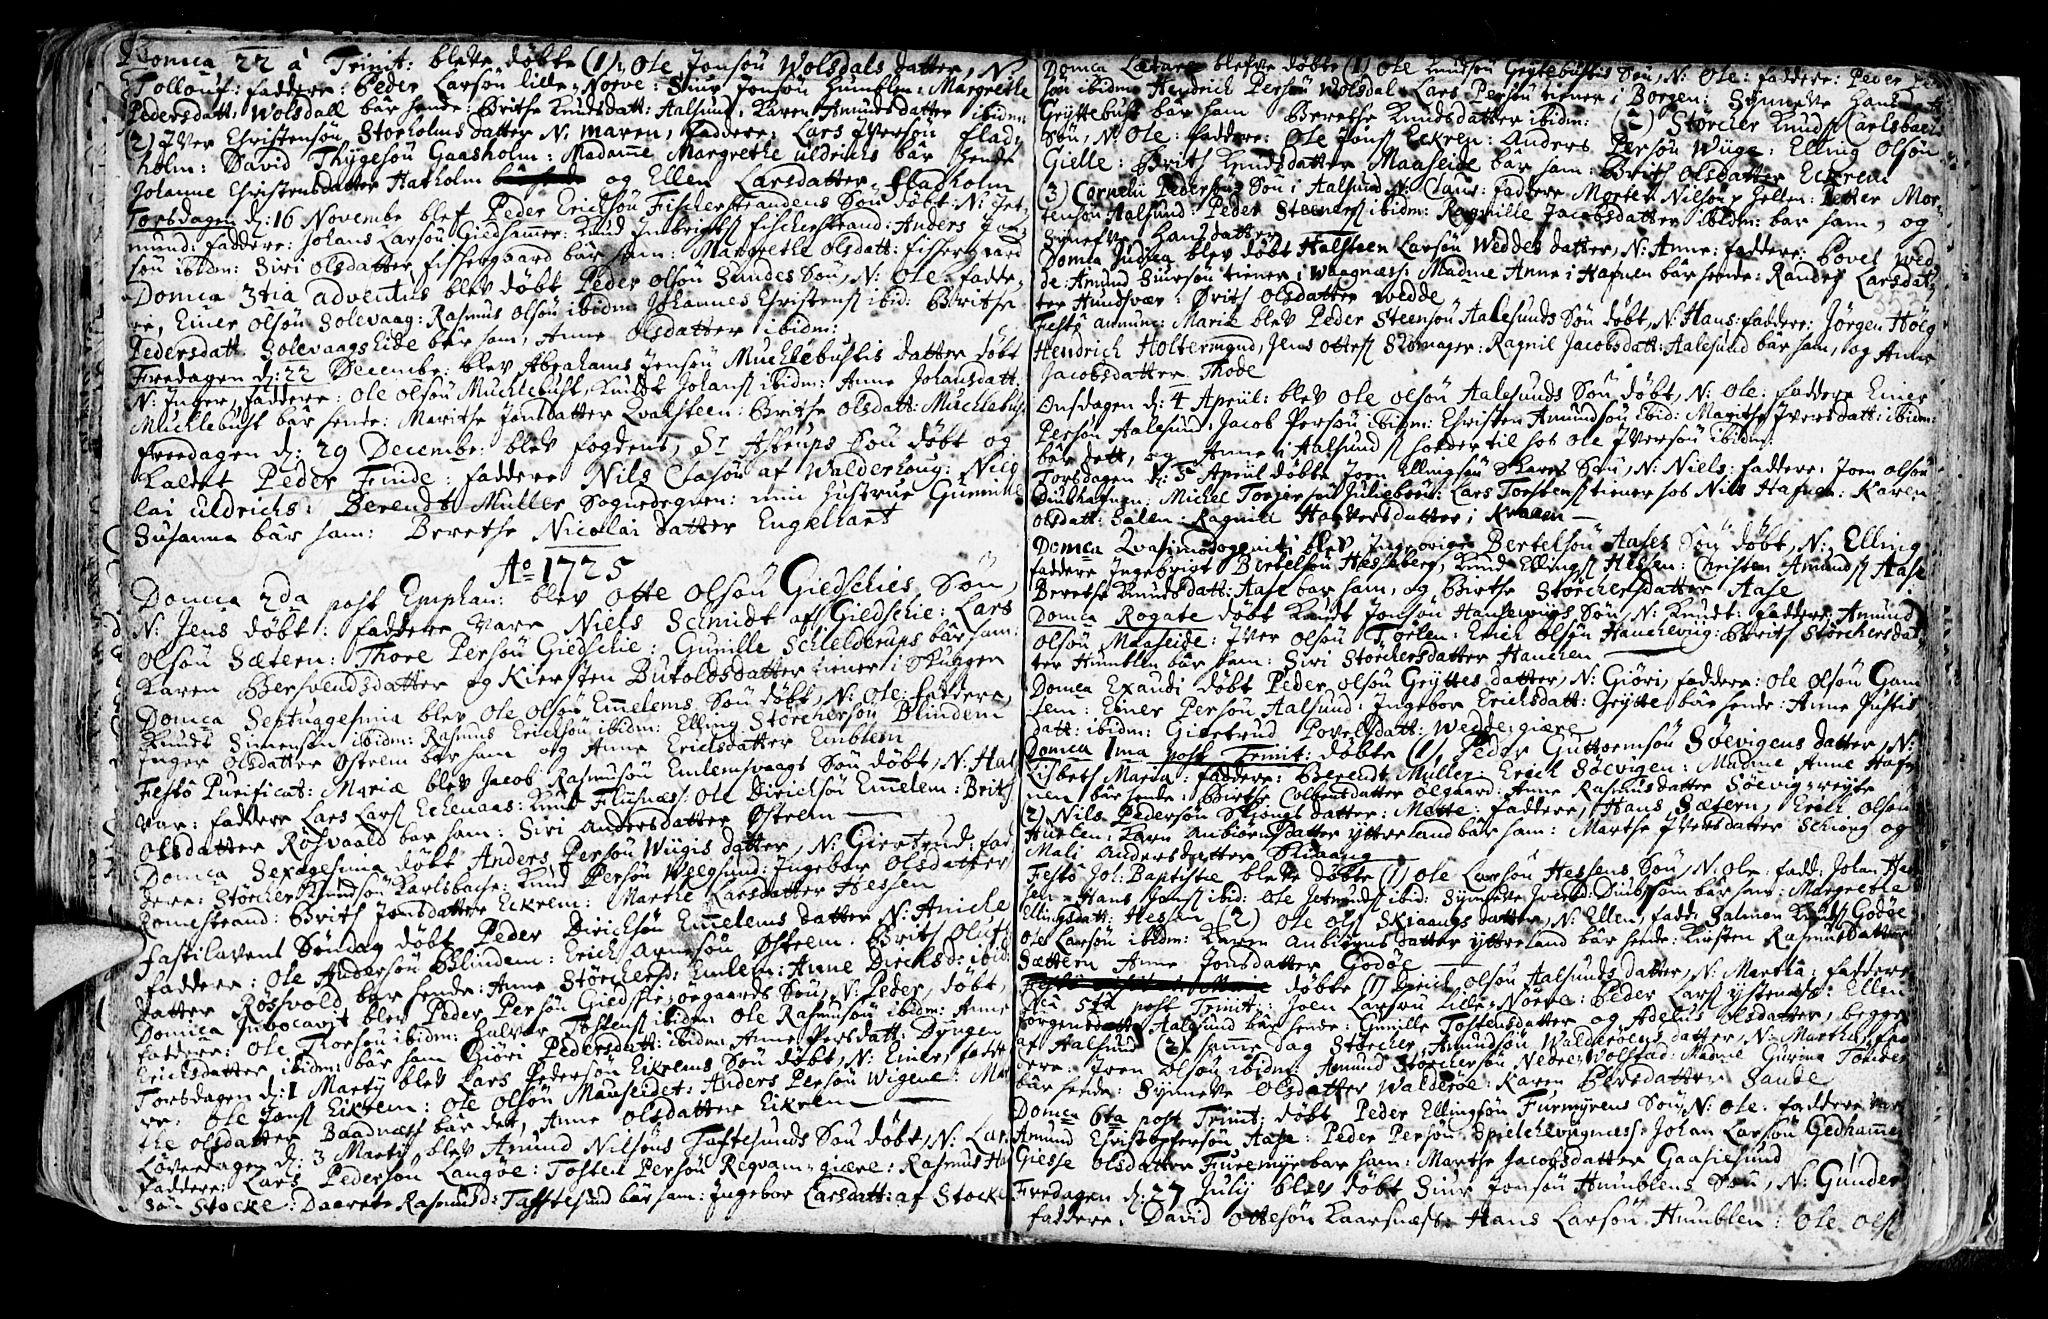 SAT, Ministerialprotokoller, klokkerbøker og fødselsregistre - Møre og Romsdal, 528/L0390: Ministerialbok nr. 528A01, 1698-1739, s. 352-353